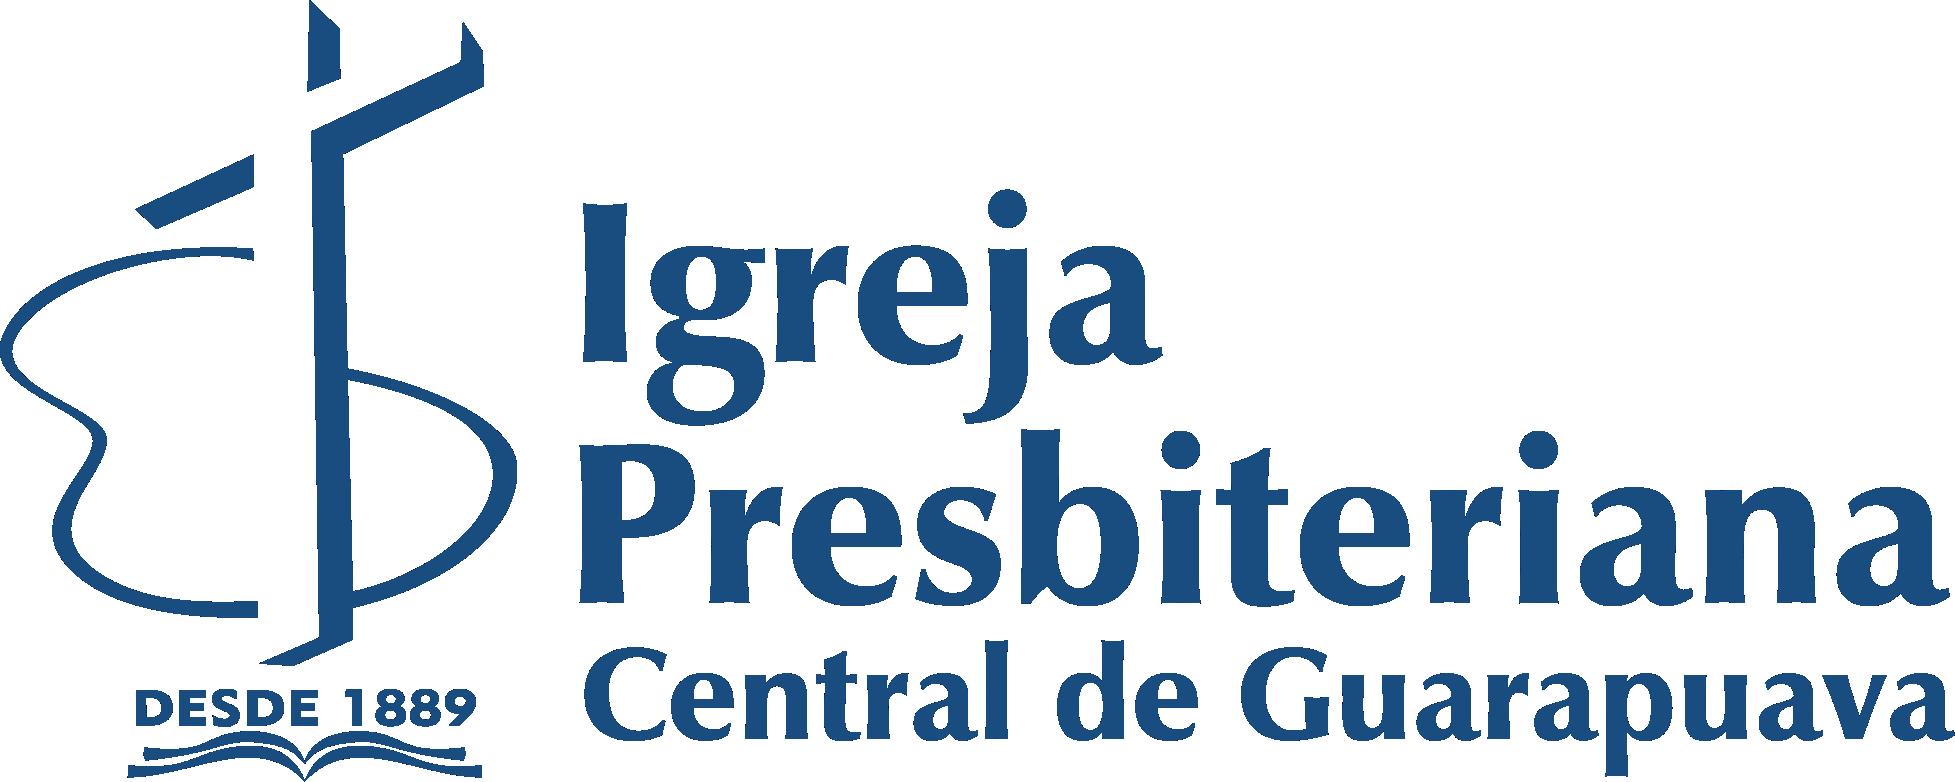 IPB Central de Guarapuava